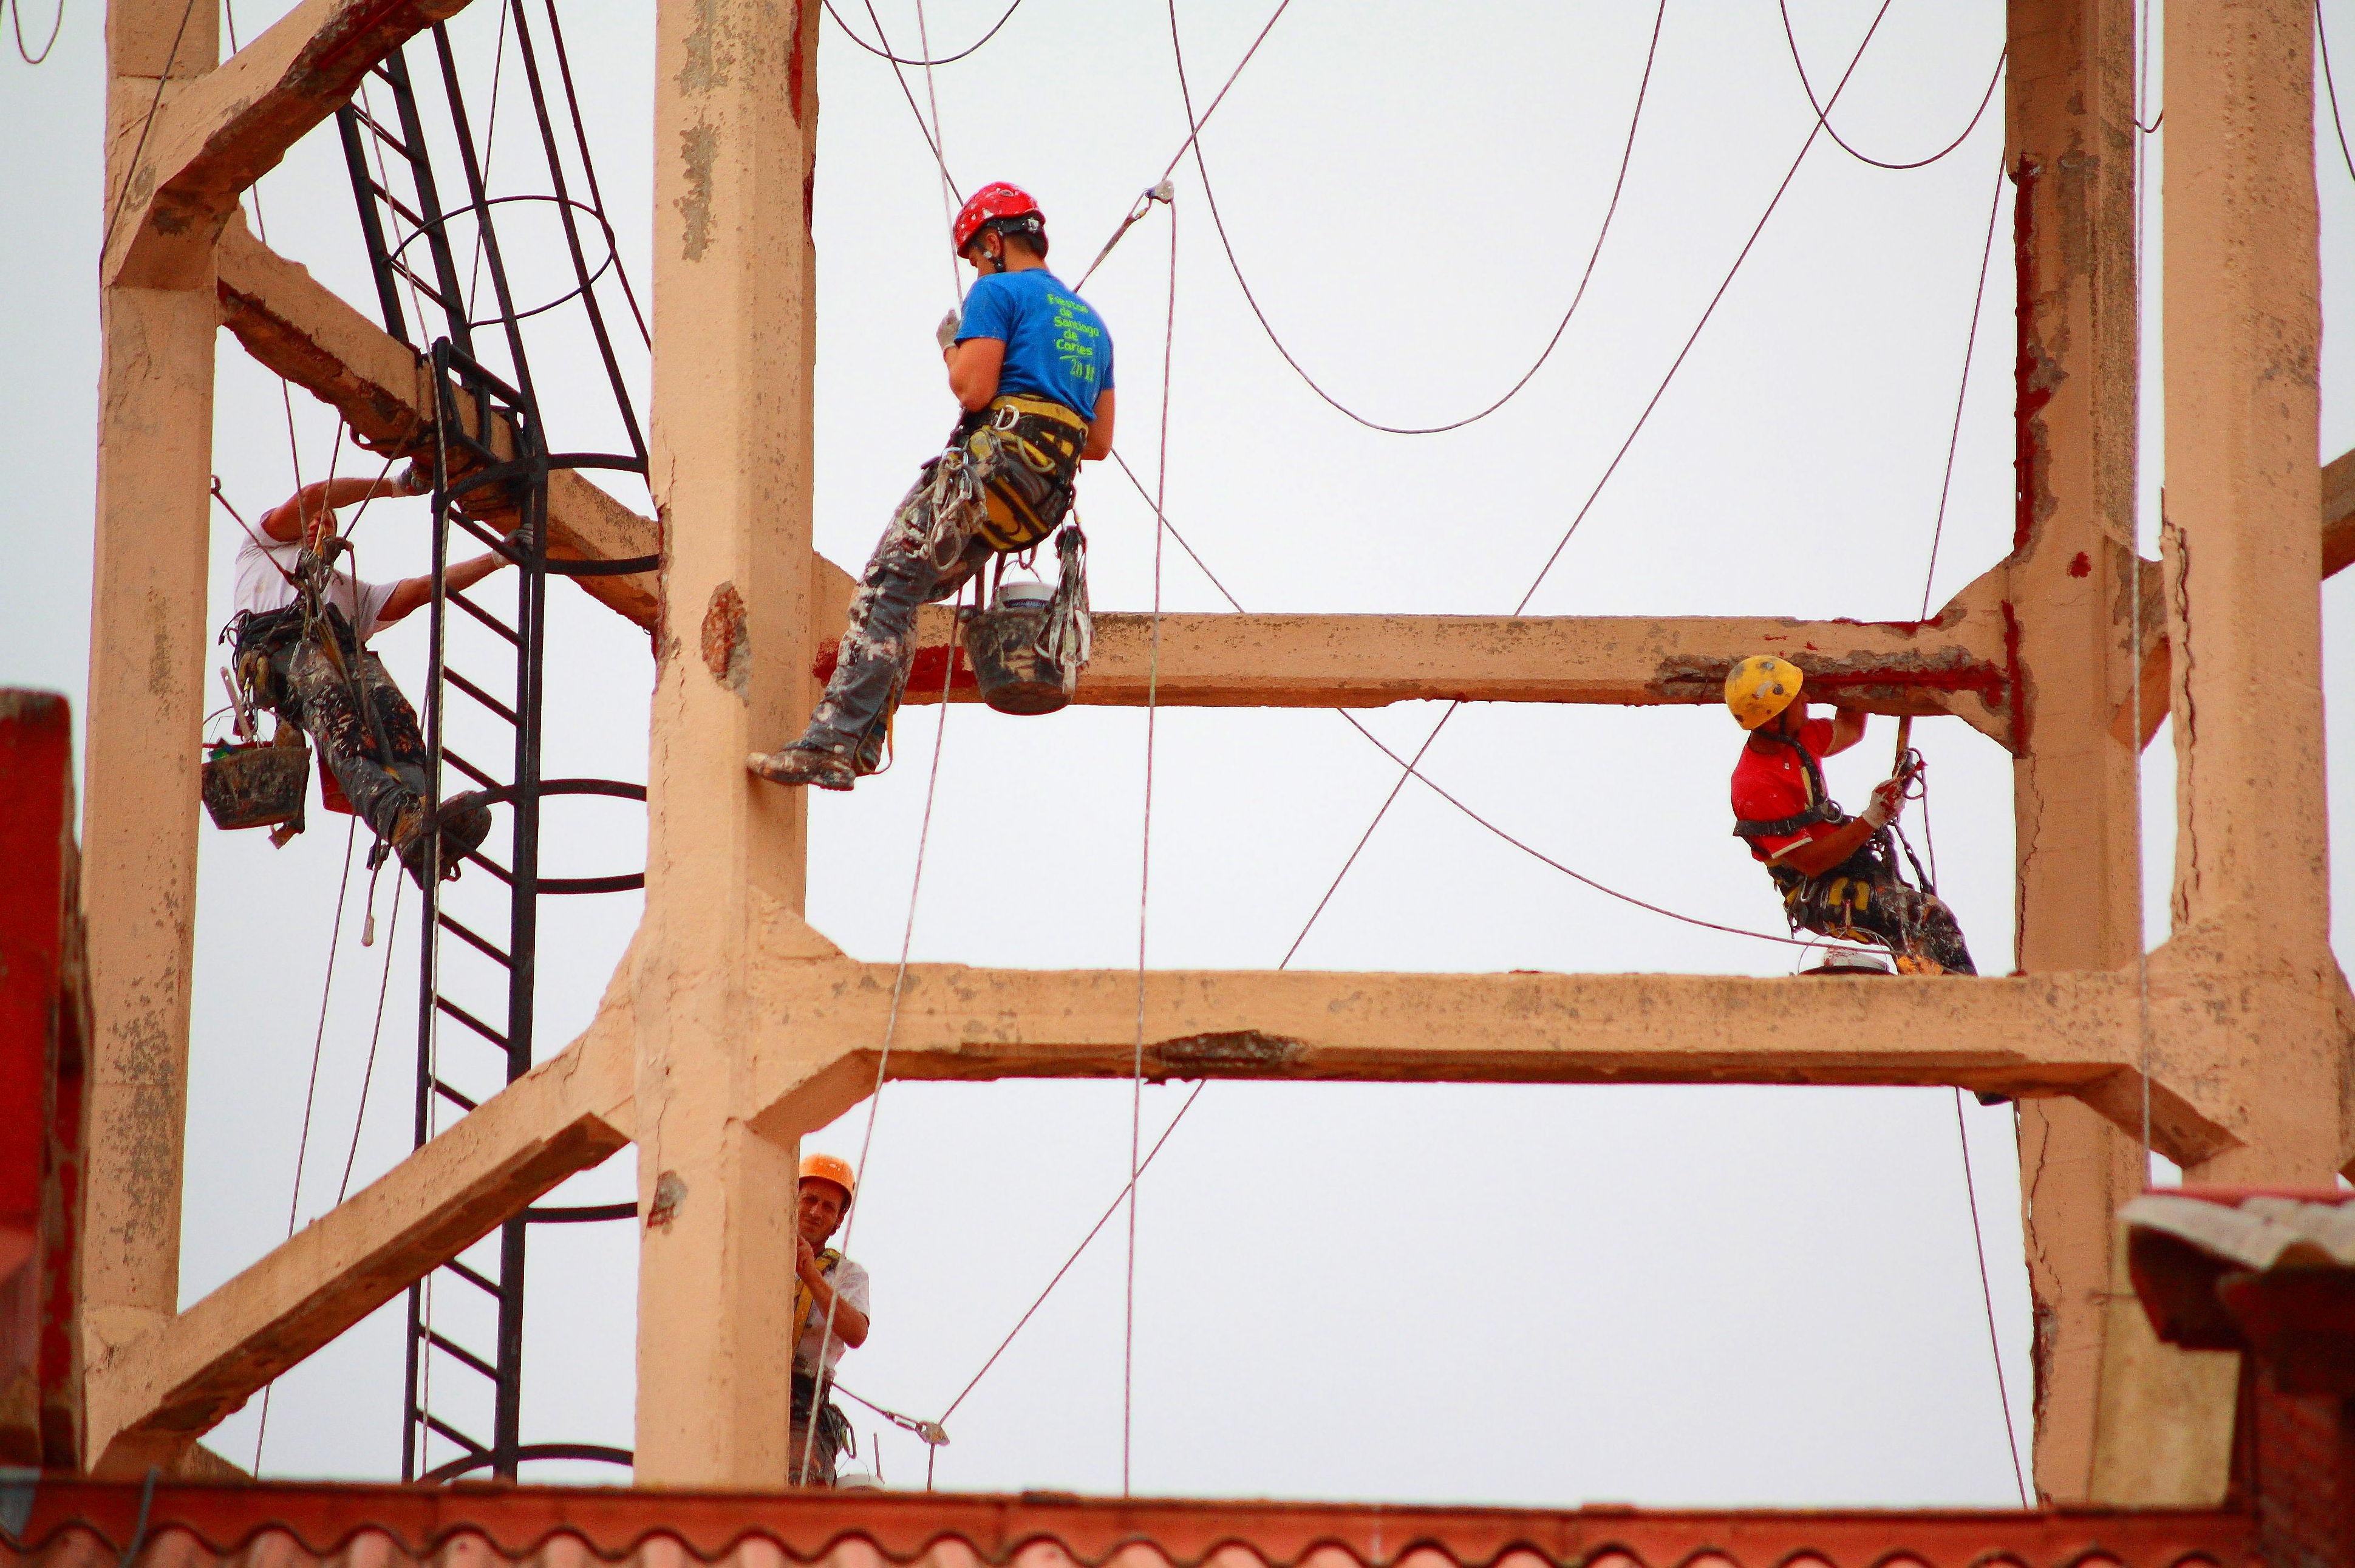 Reparaciones estructurales del hormigón con trabajos verticales en Cantabria